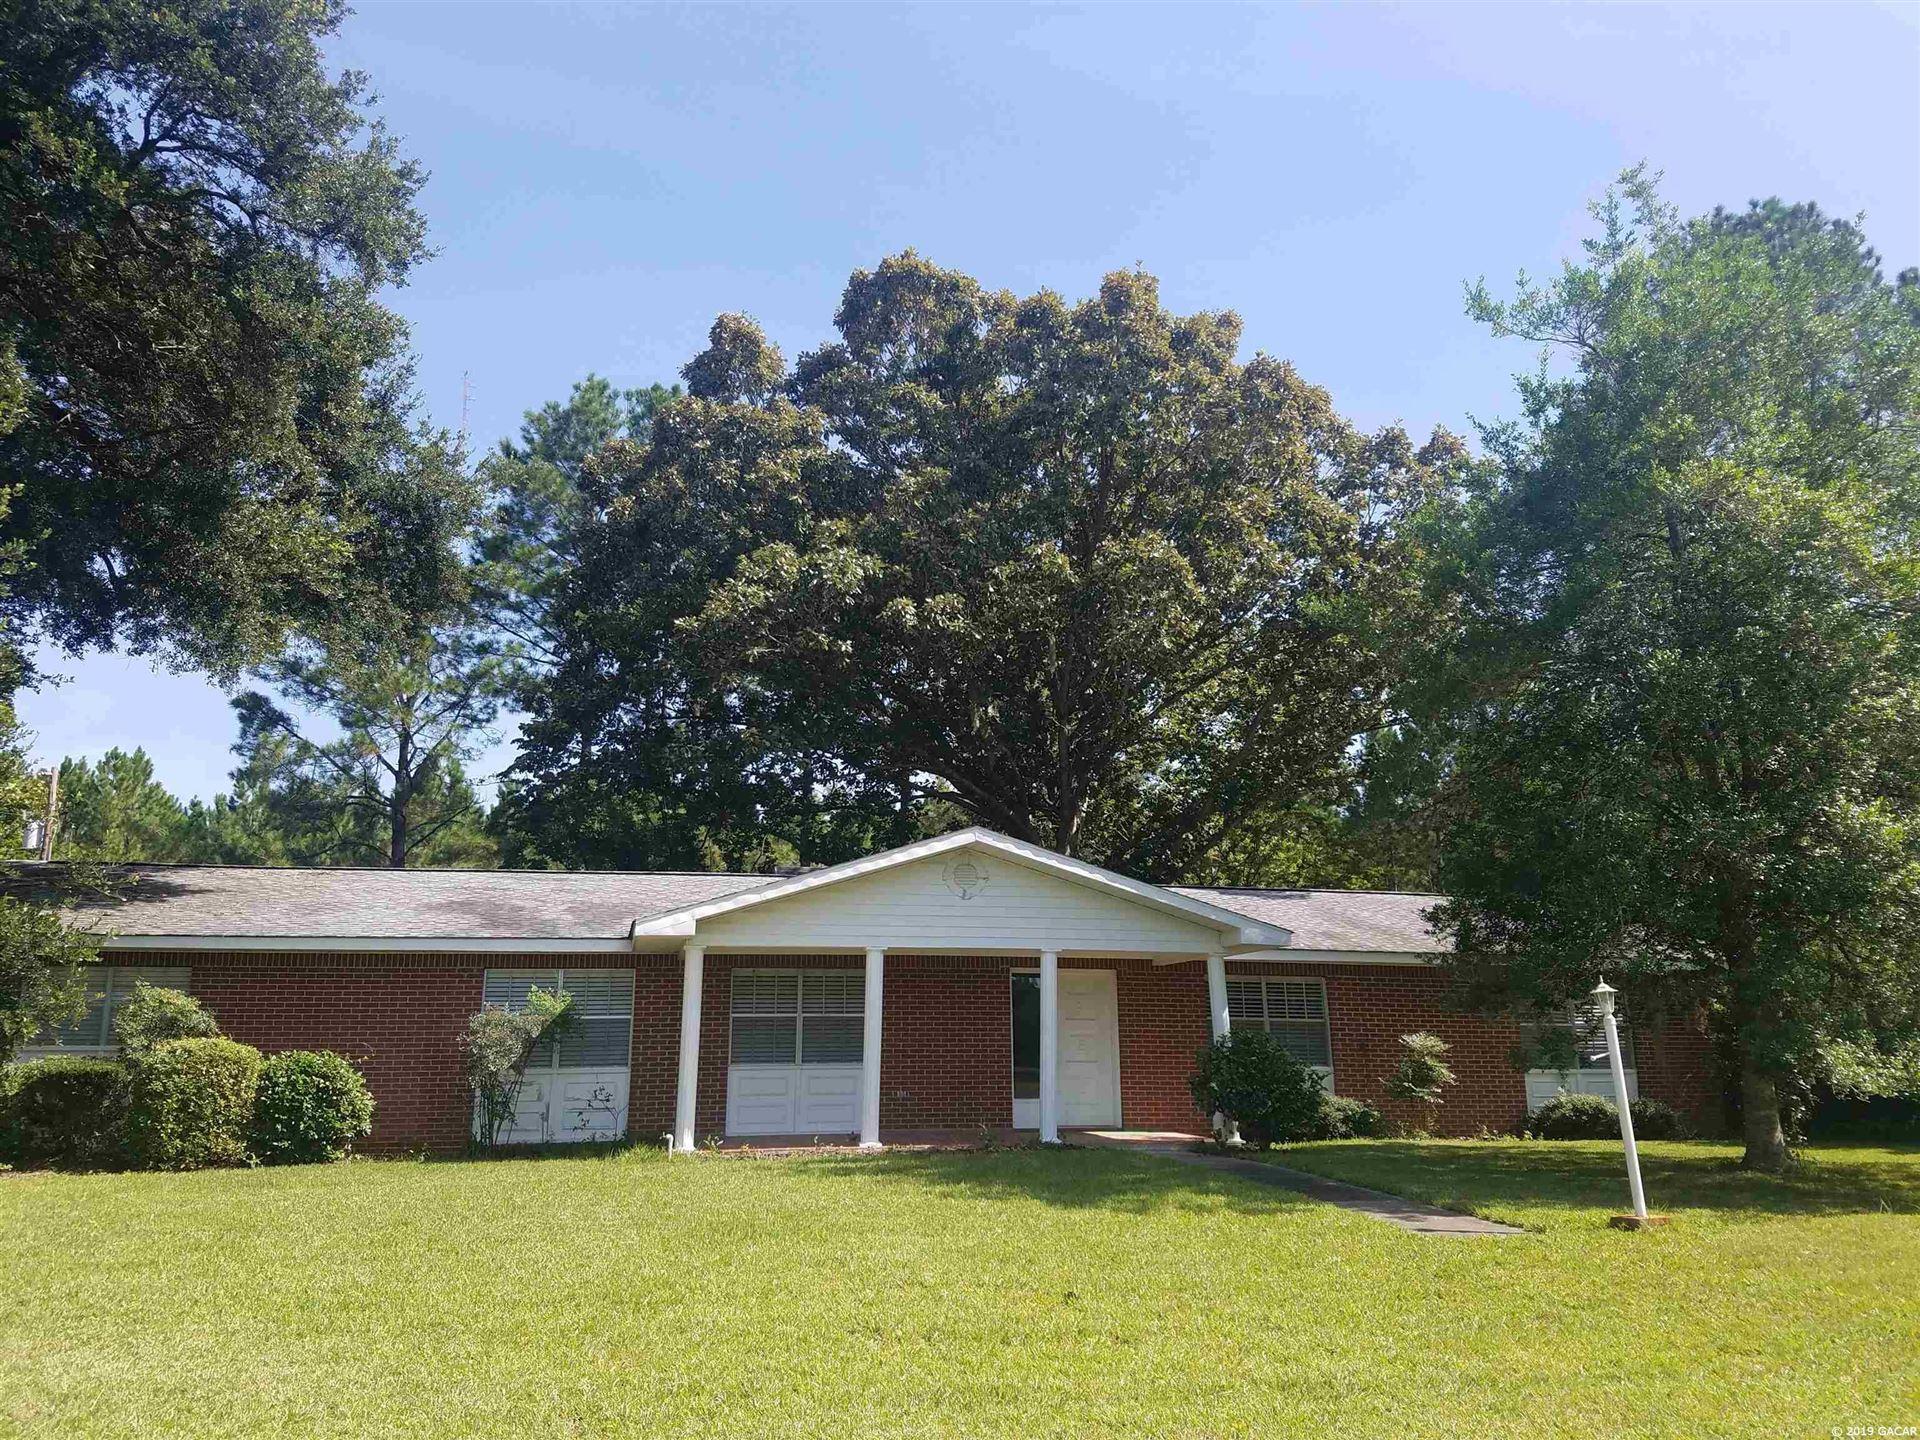 17685 NW US HWY 441, High Springs, FL 32643 - #: 422011